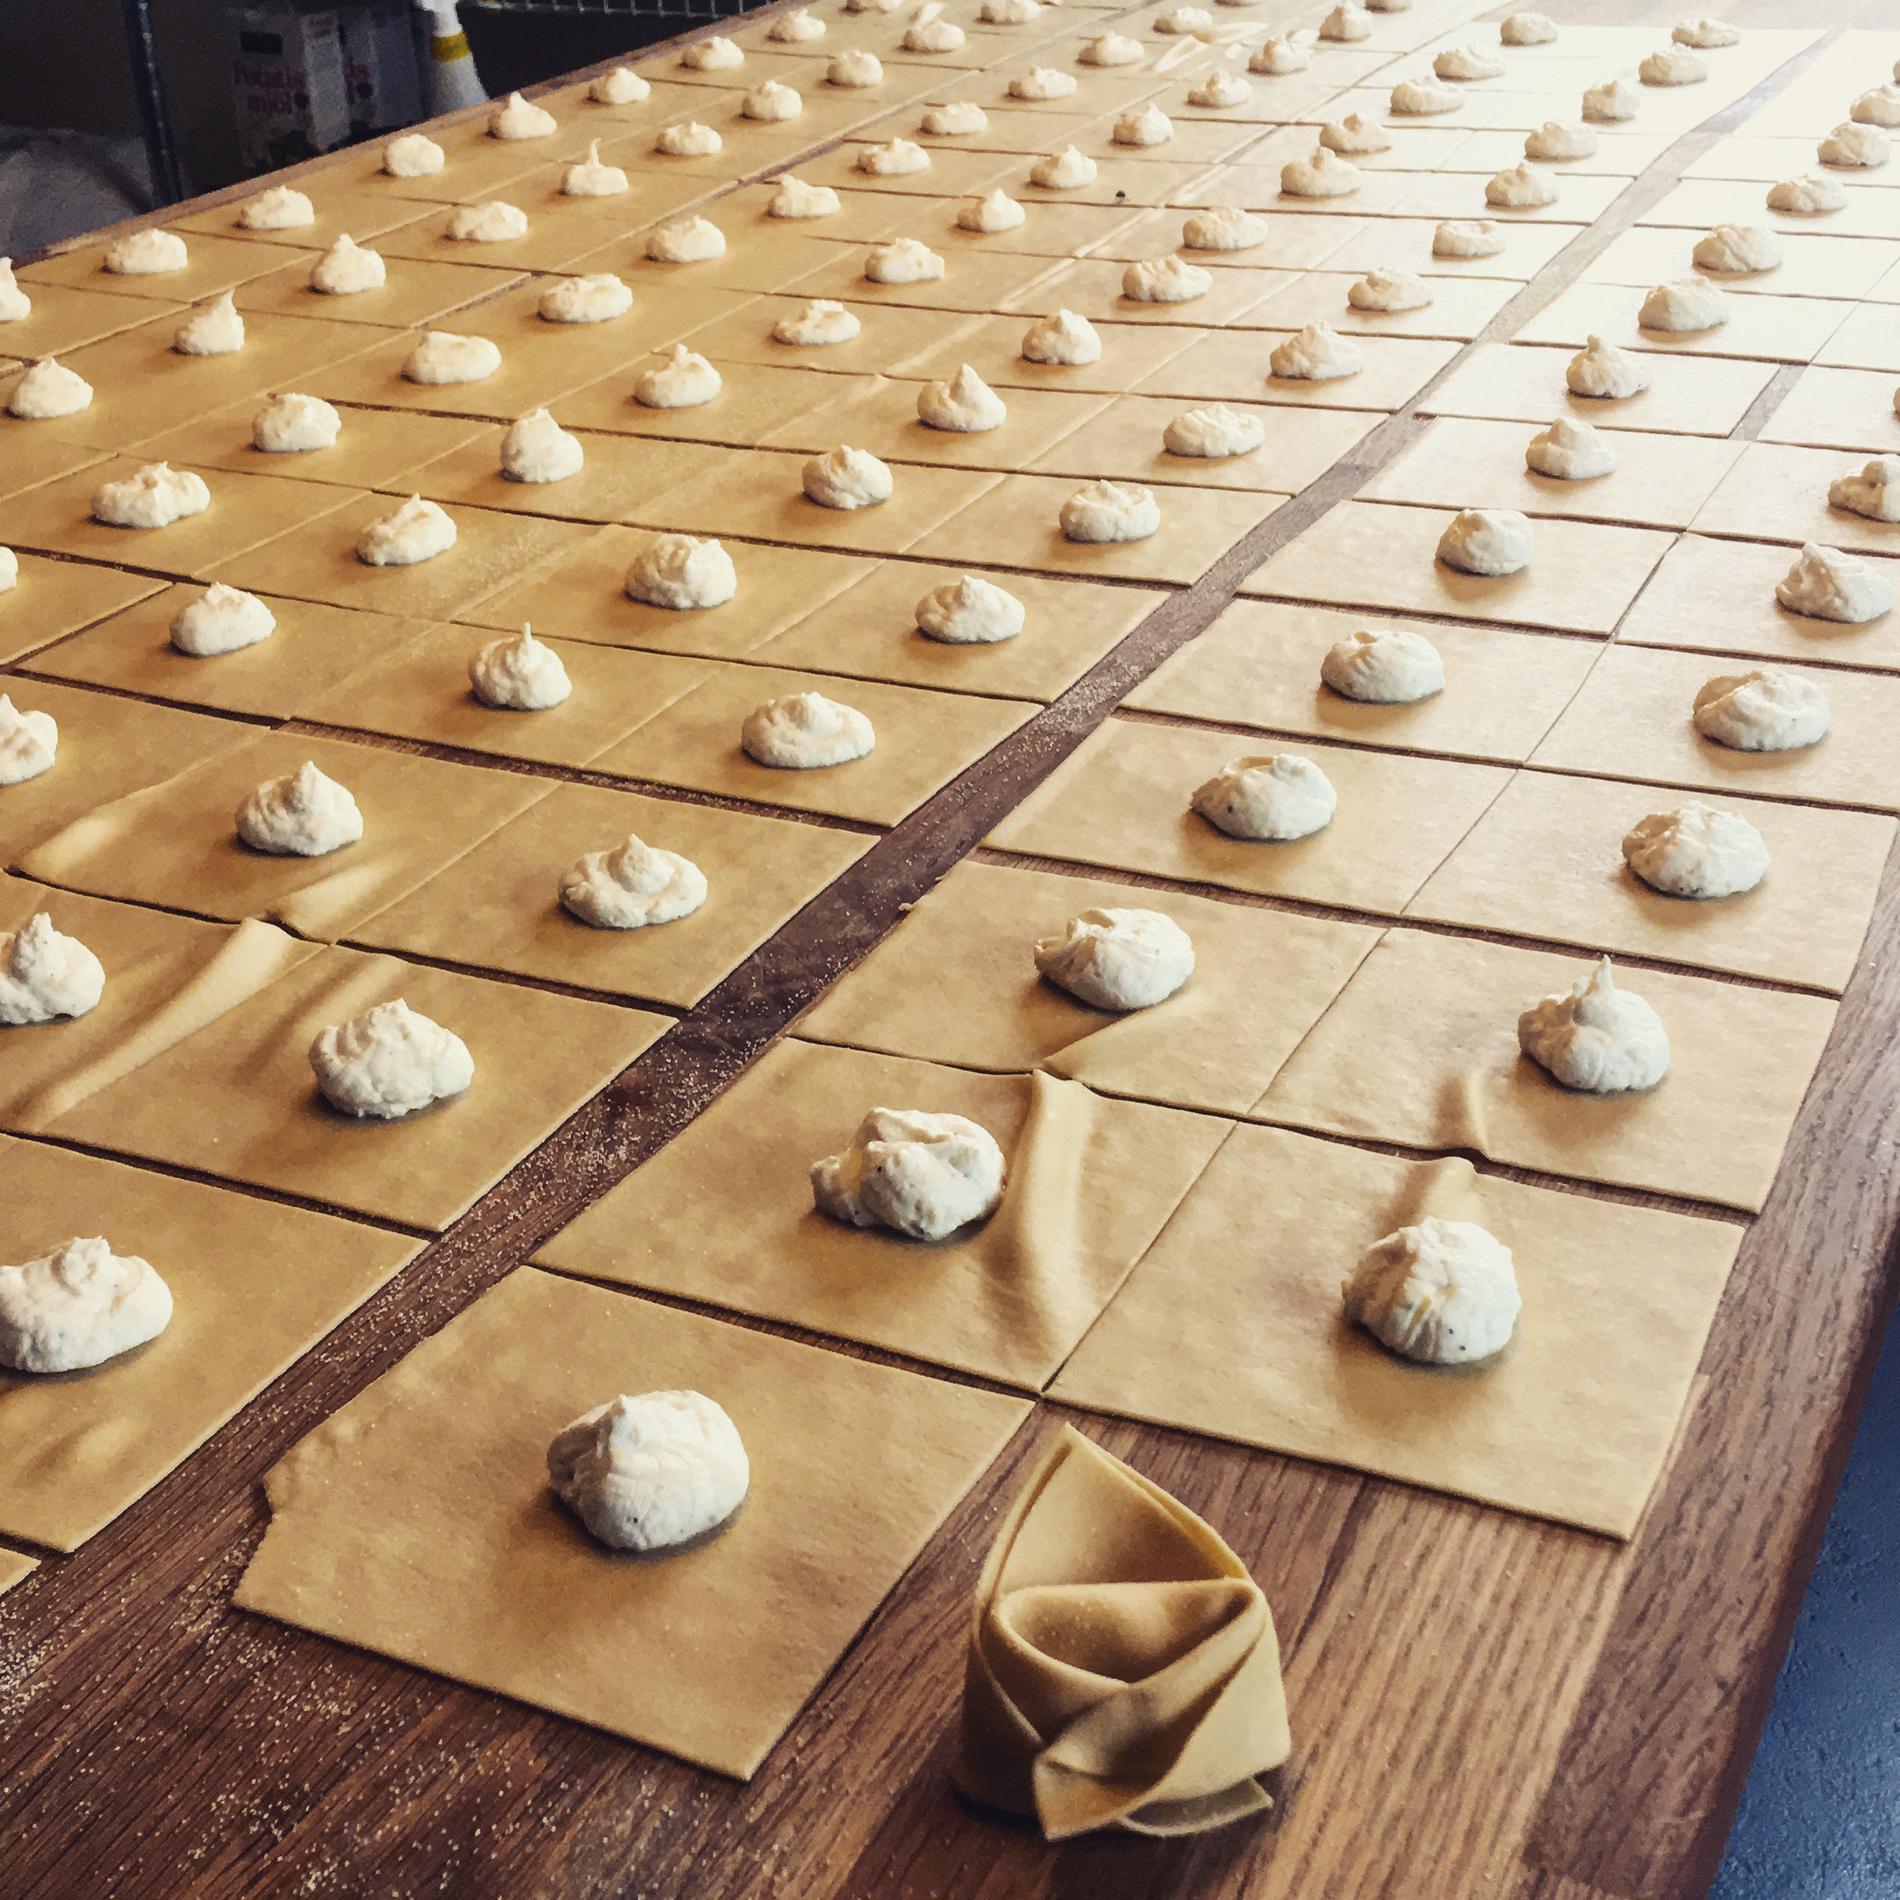 På Pastafabriken i Ingelstorp kan du avnjuta handknuten färsk pasta.